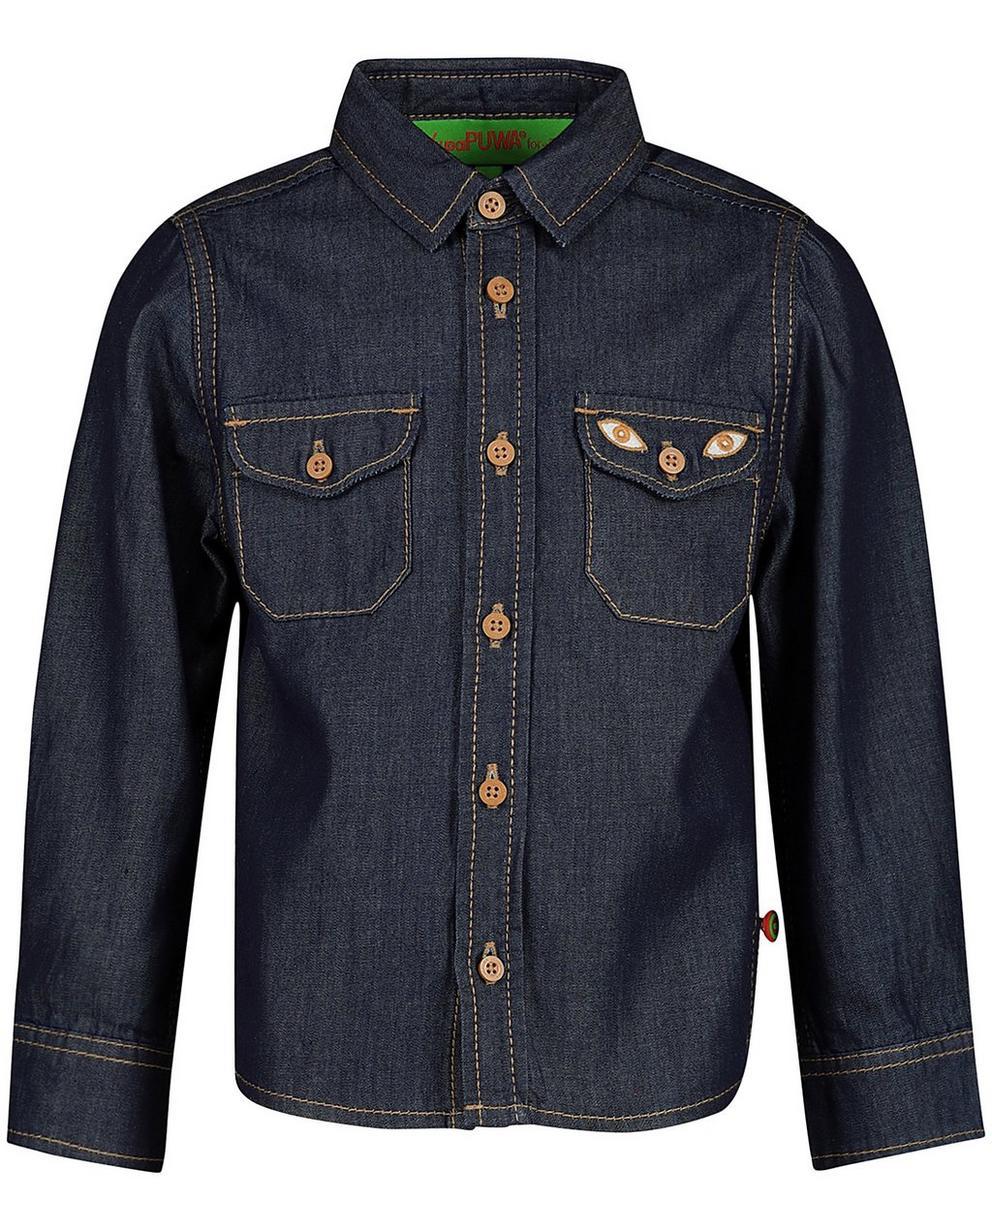 Chemises - navy - Chemise en jeans